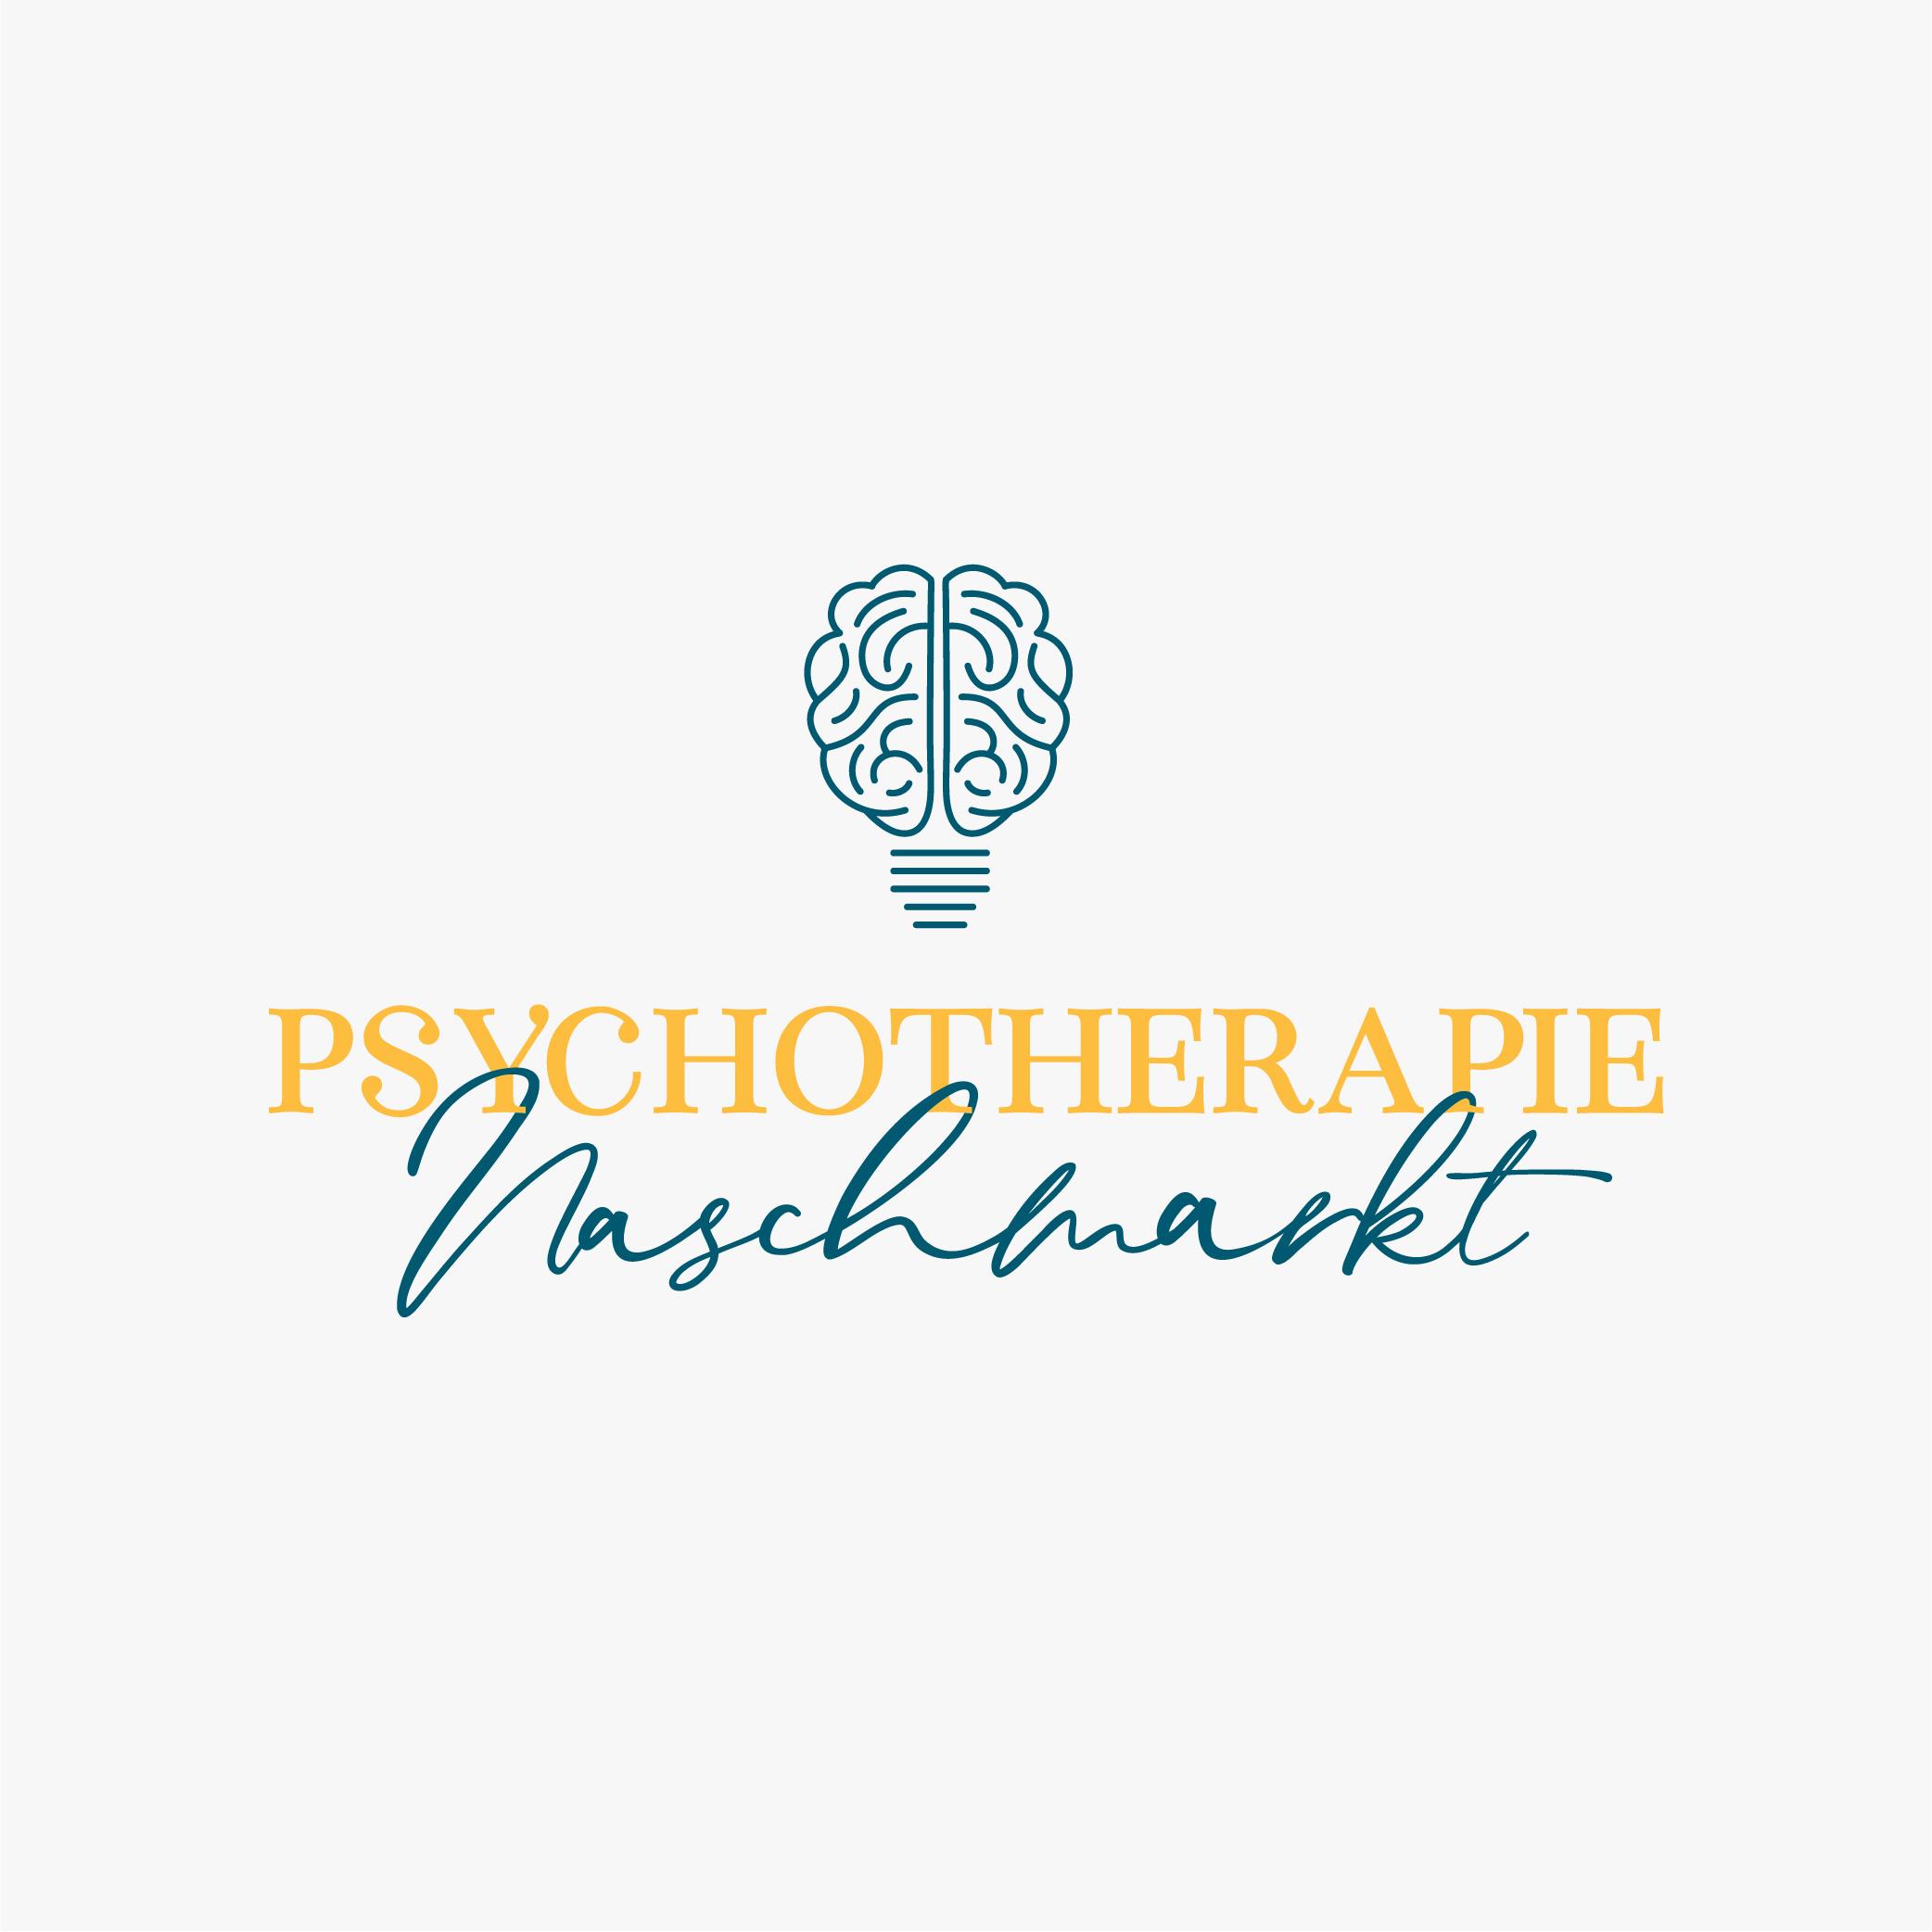 Psychotherapie Naschmarkt > Visual Identity & UI Design